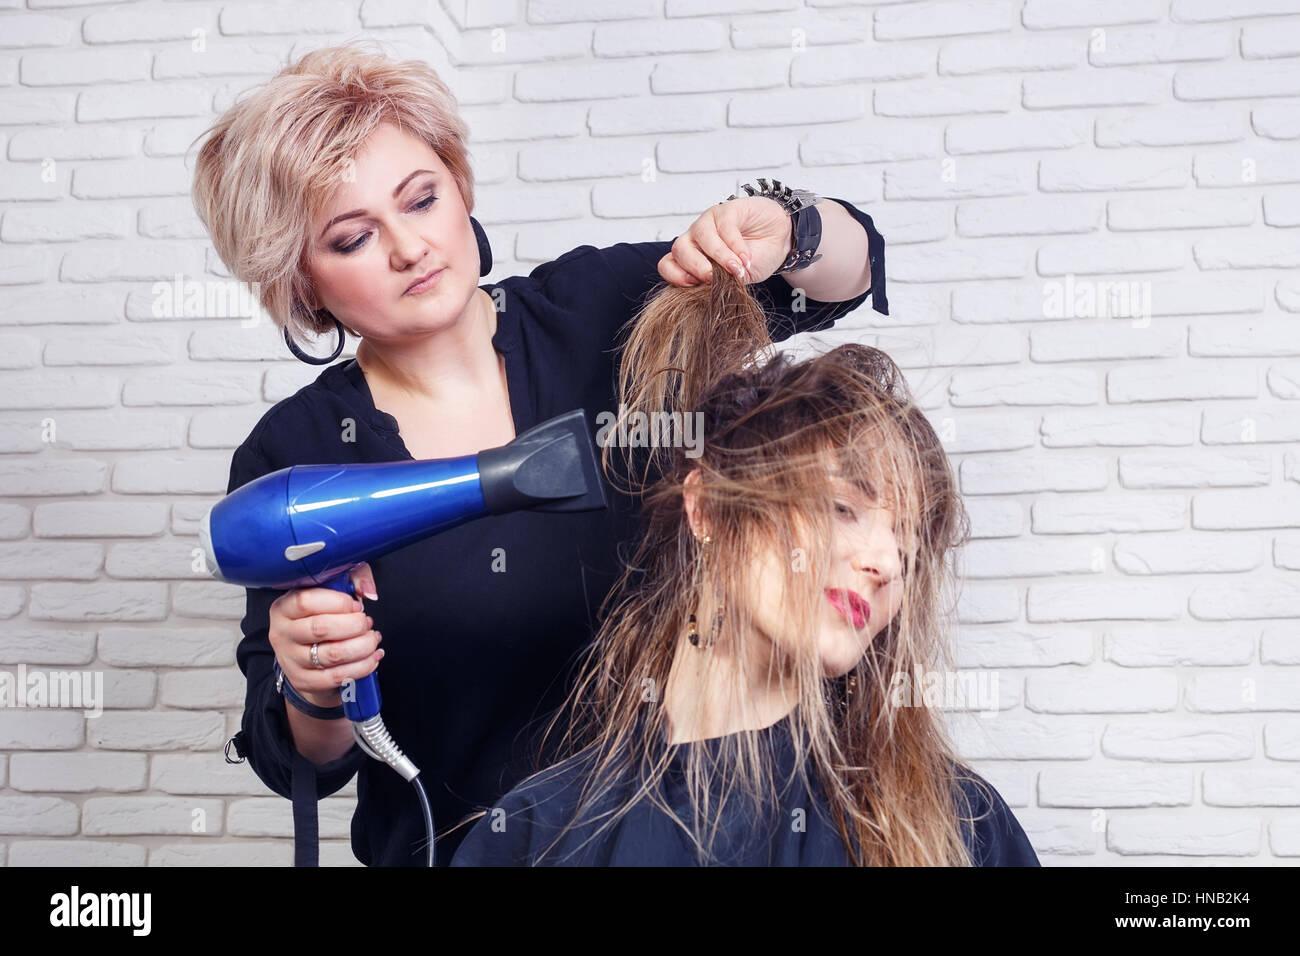 hairdresser drying hair - Stock Image